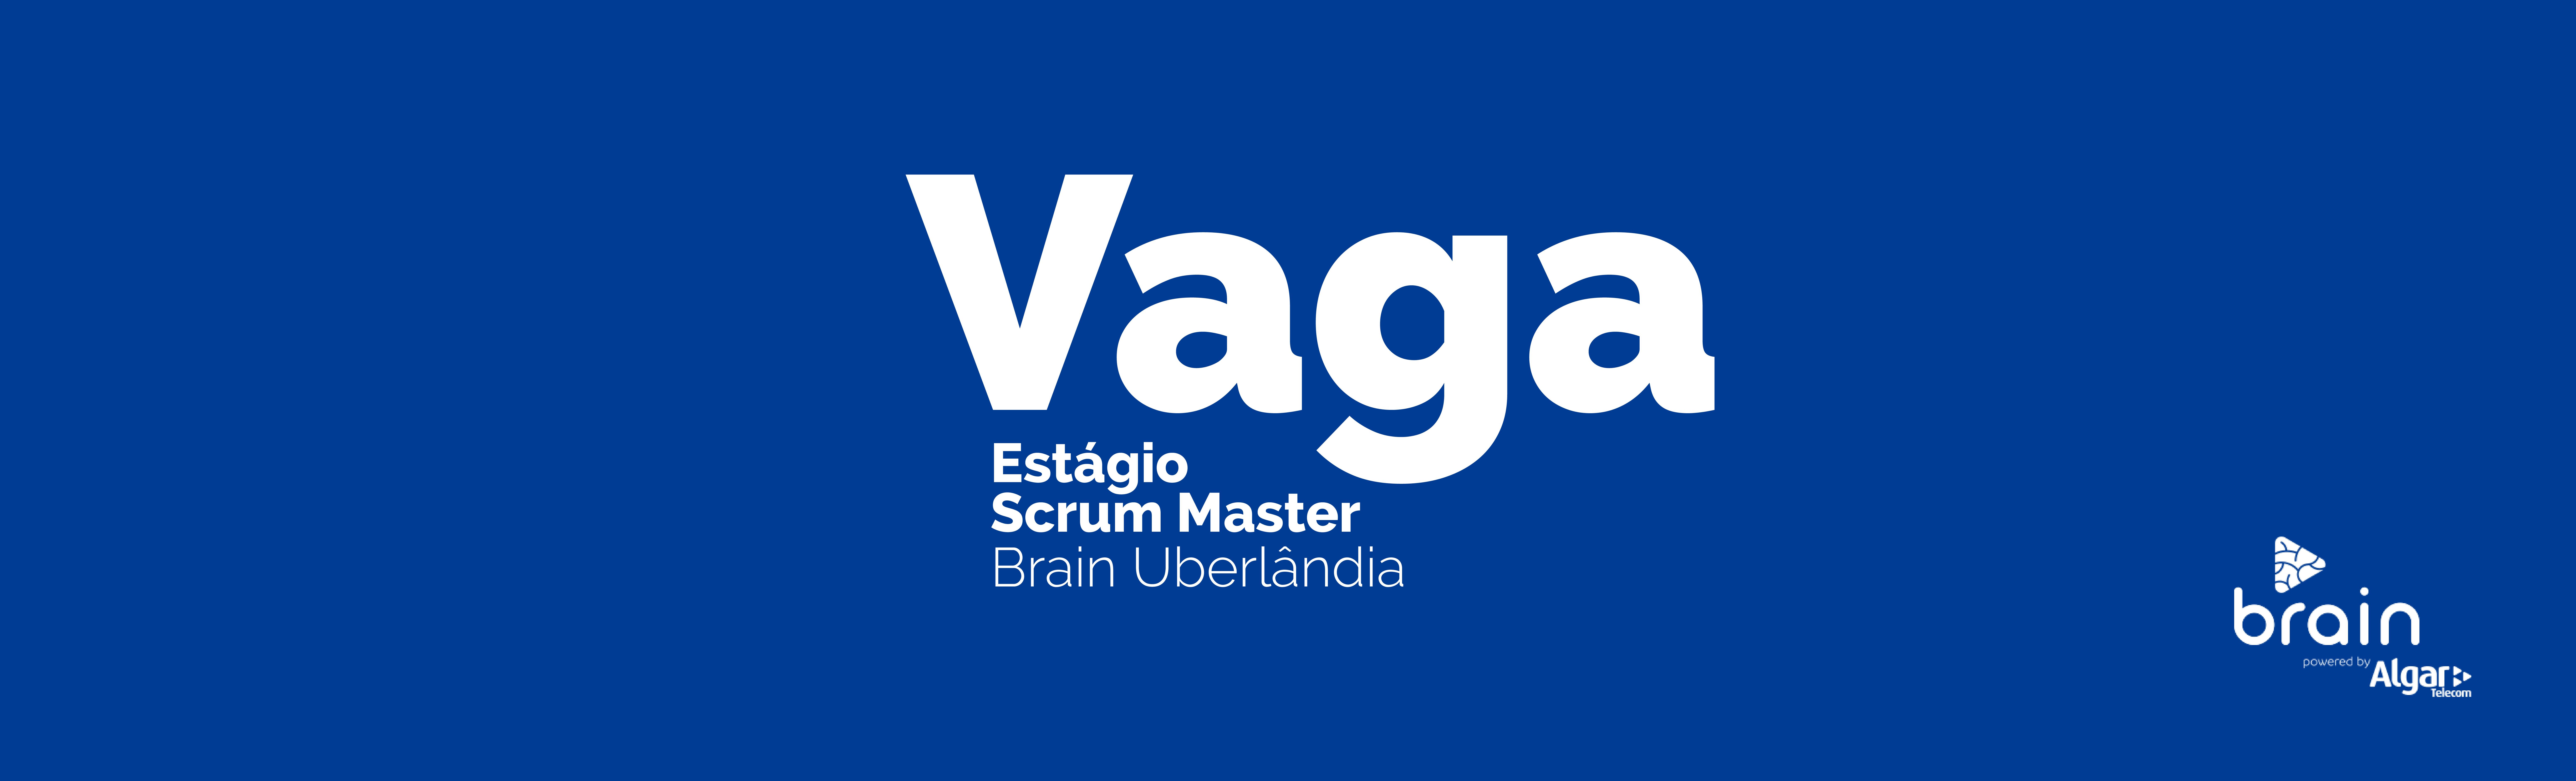 Estágio Scrum Master